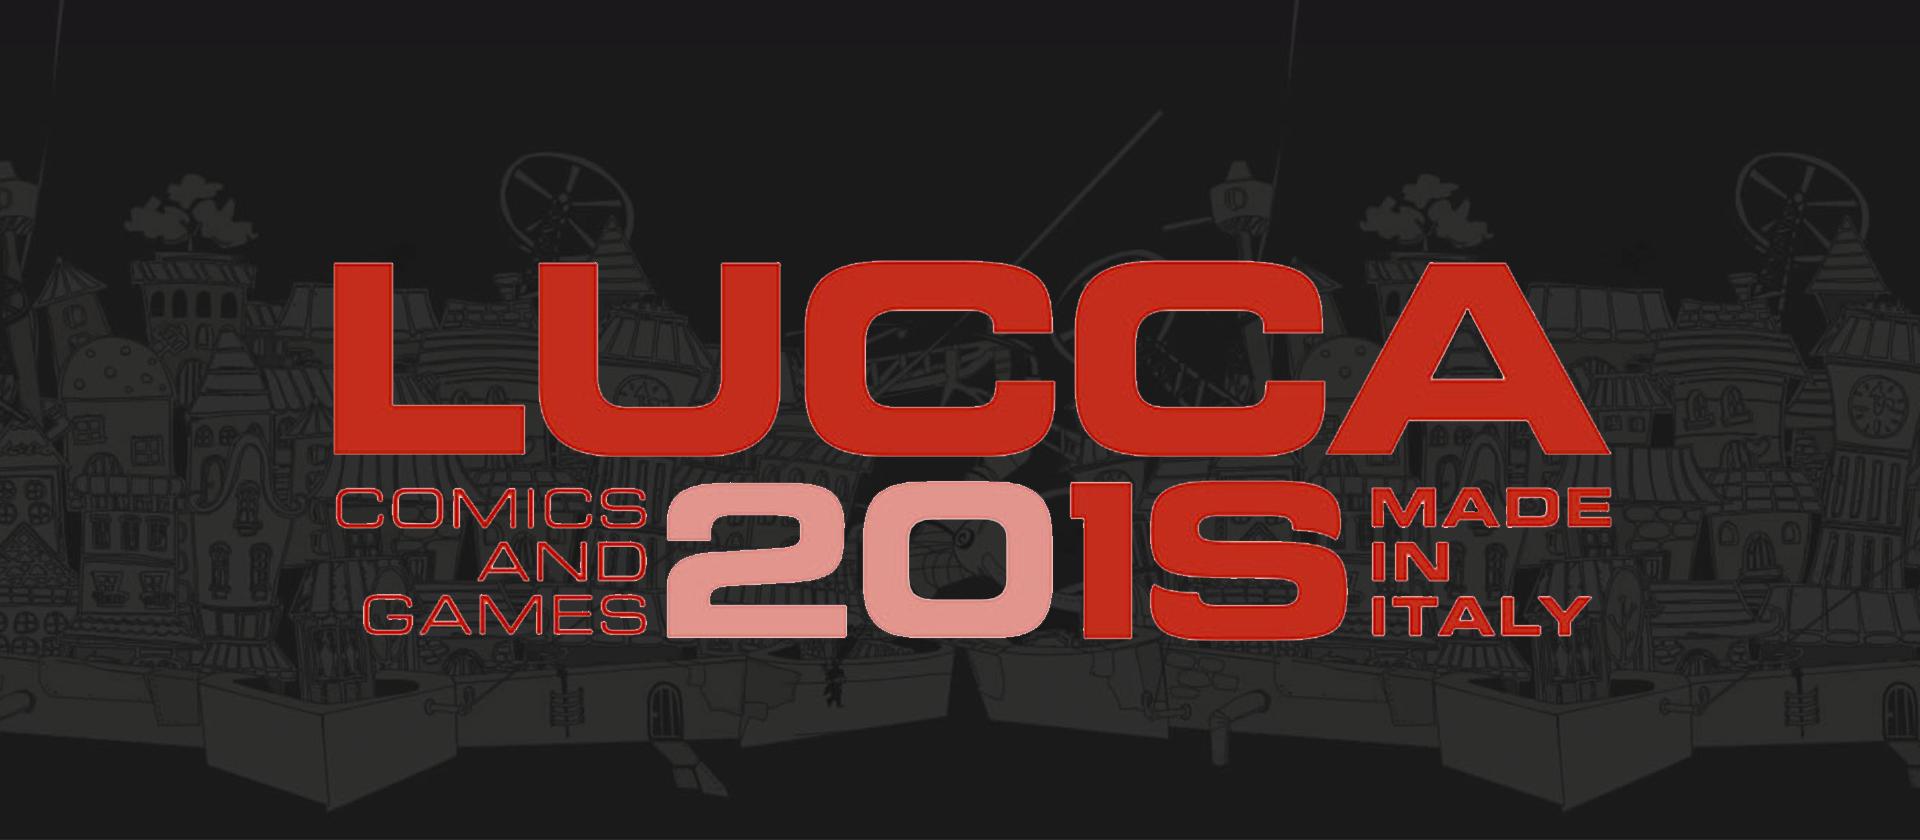 Lucca Comics & Games 2018